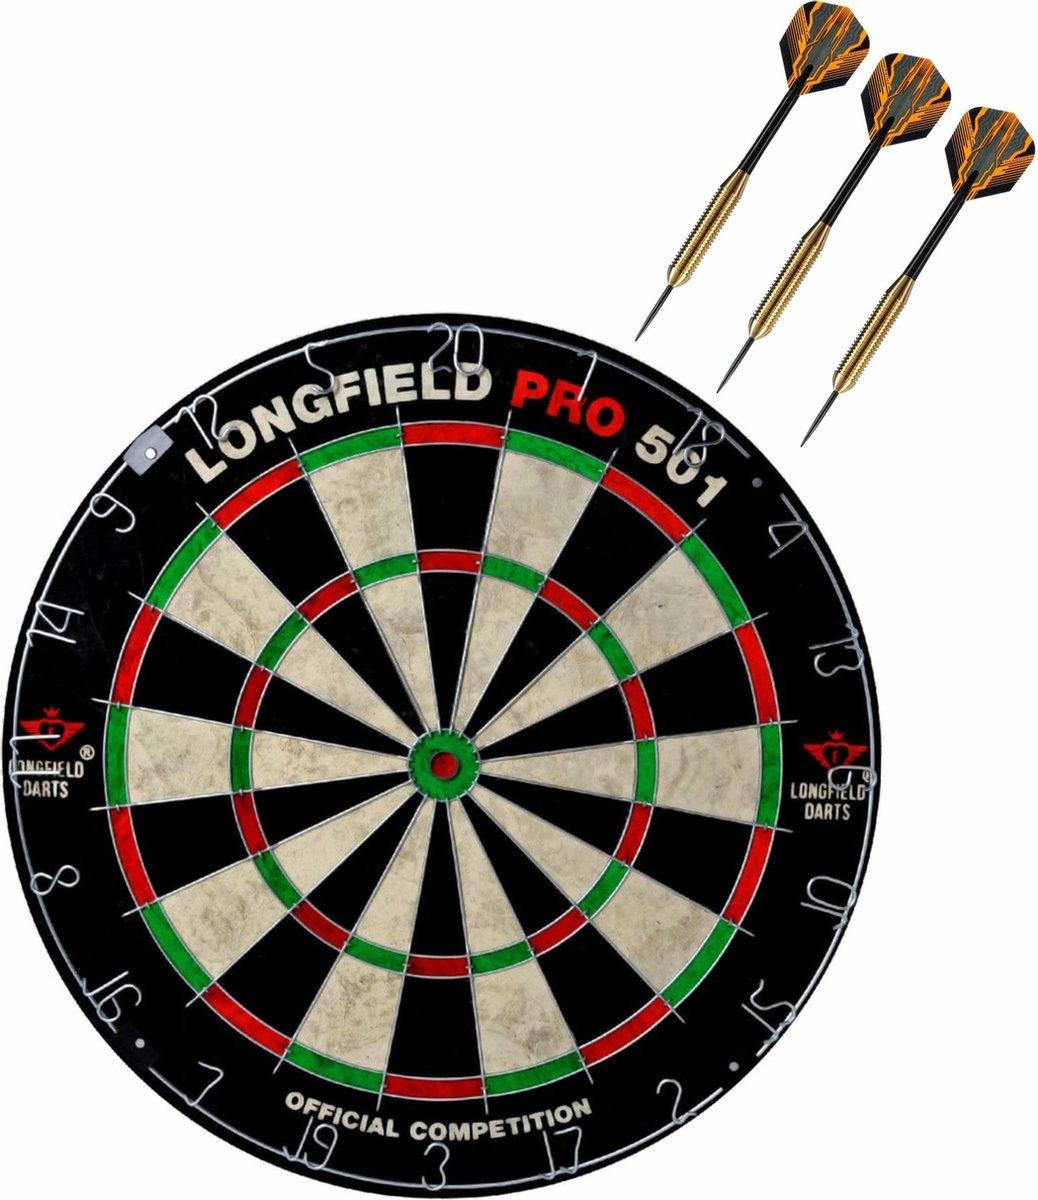 Dartbord set compleet van diameter 45.5 cm met 3x Club Brass dartpijlen van 22 gram - Professioneel darten pakket